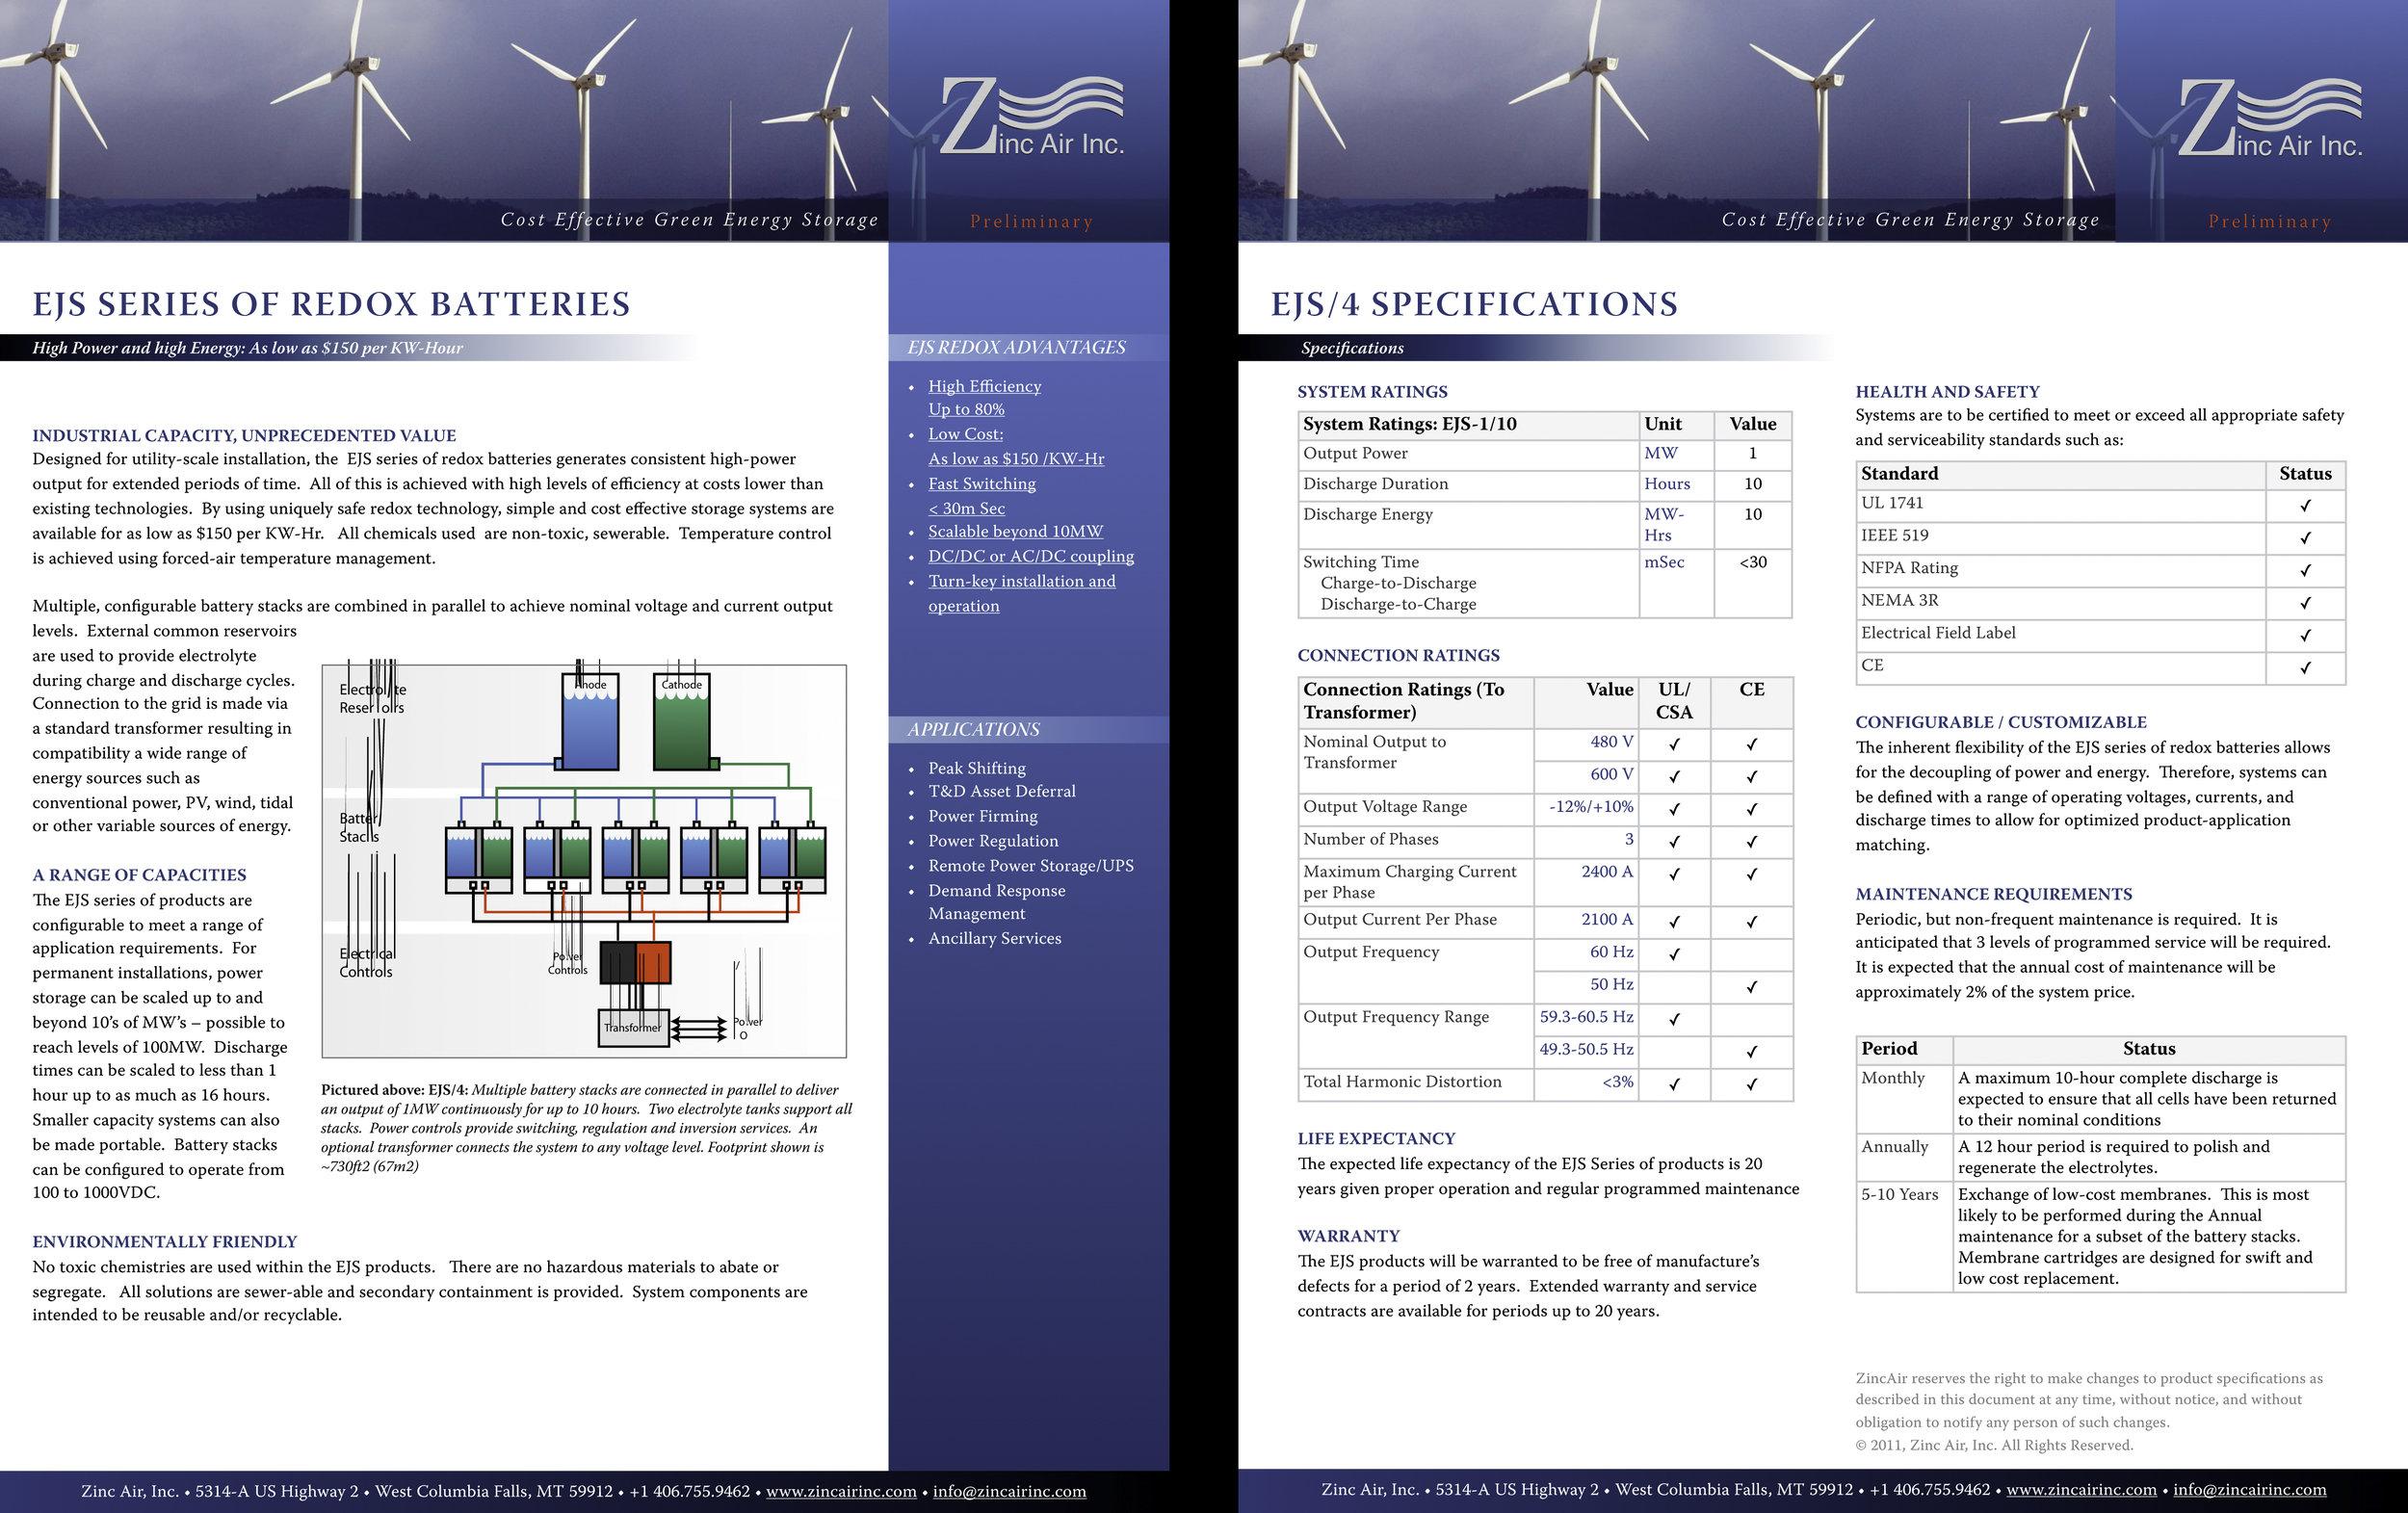 ZAI Spec Sheet.jpg